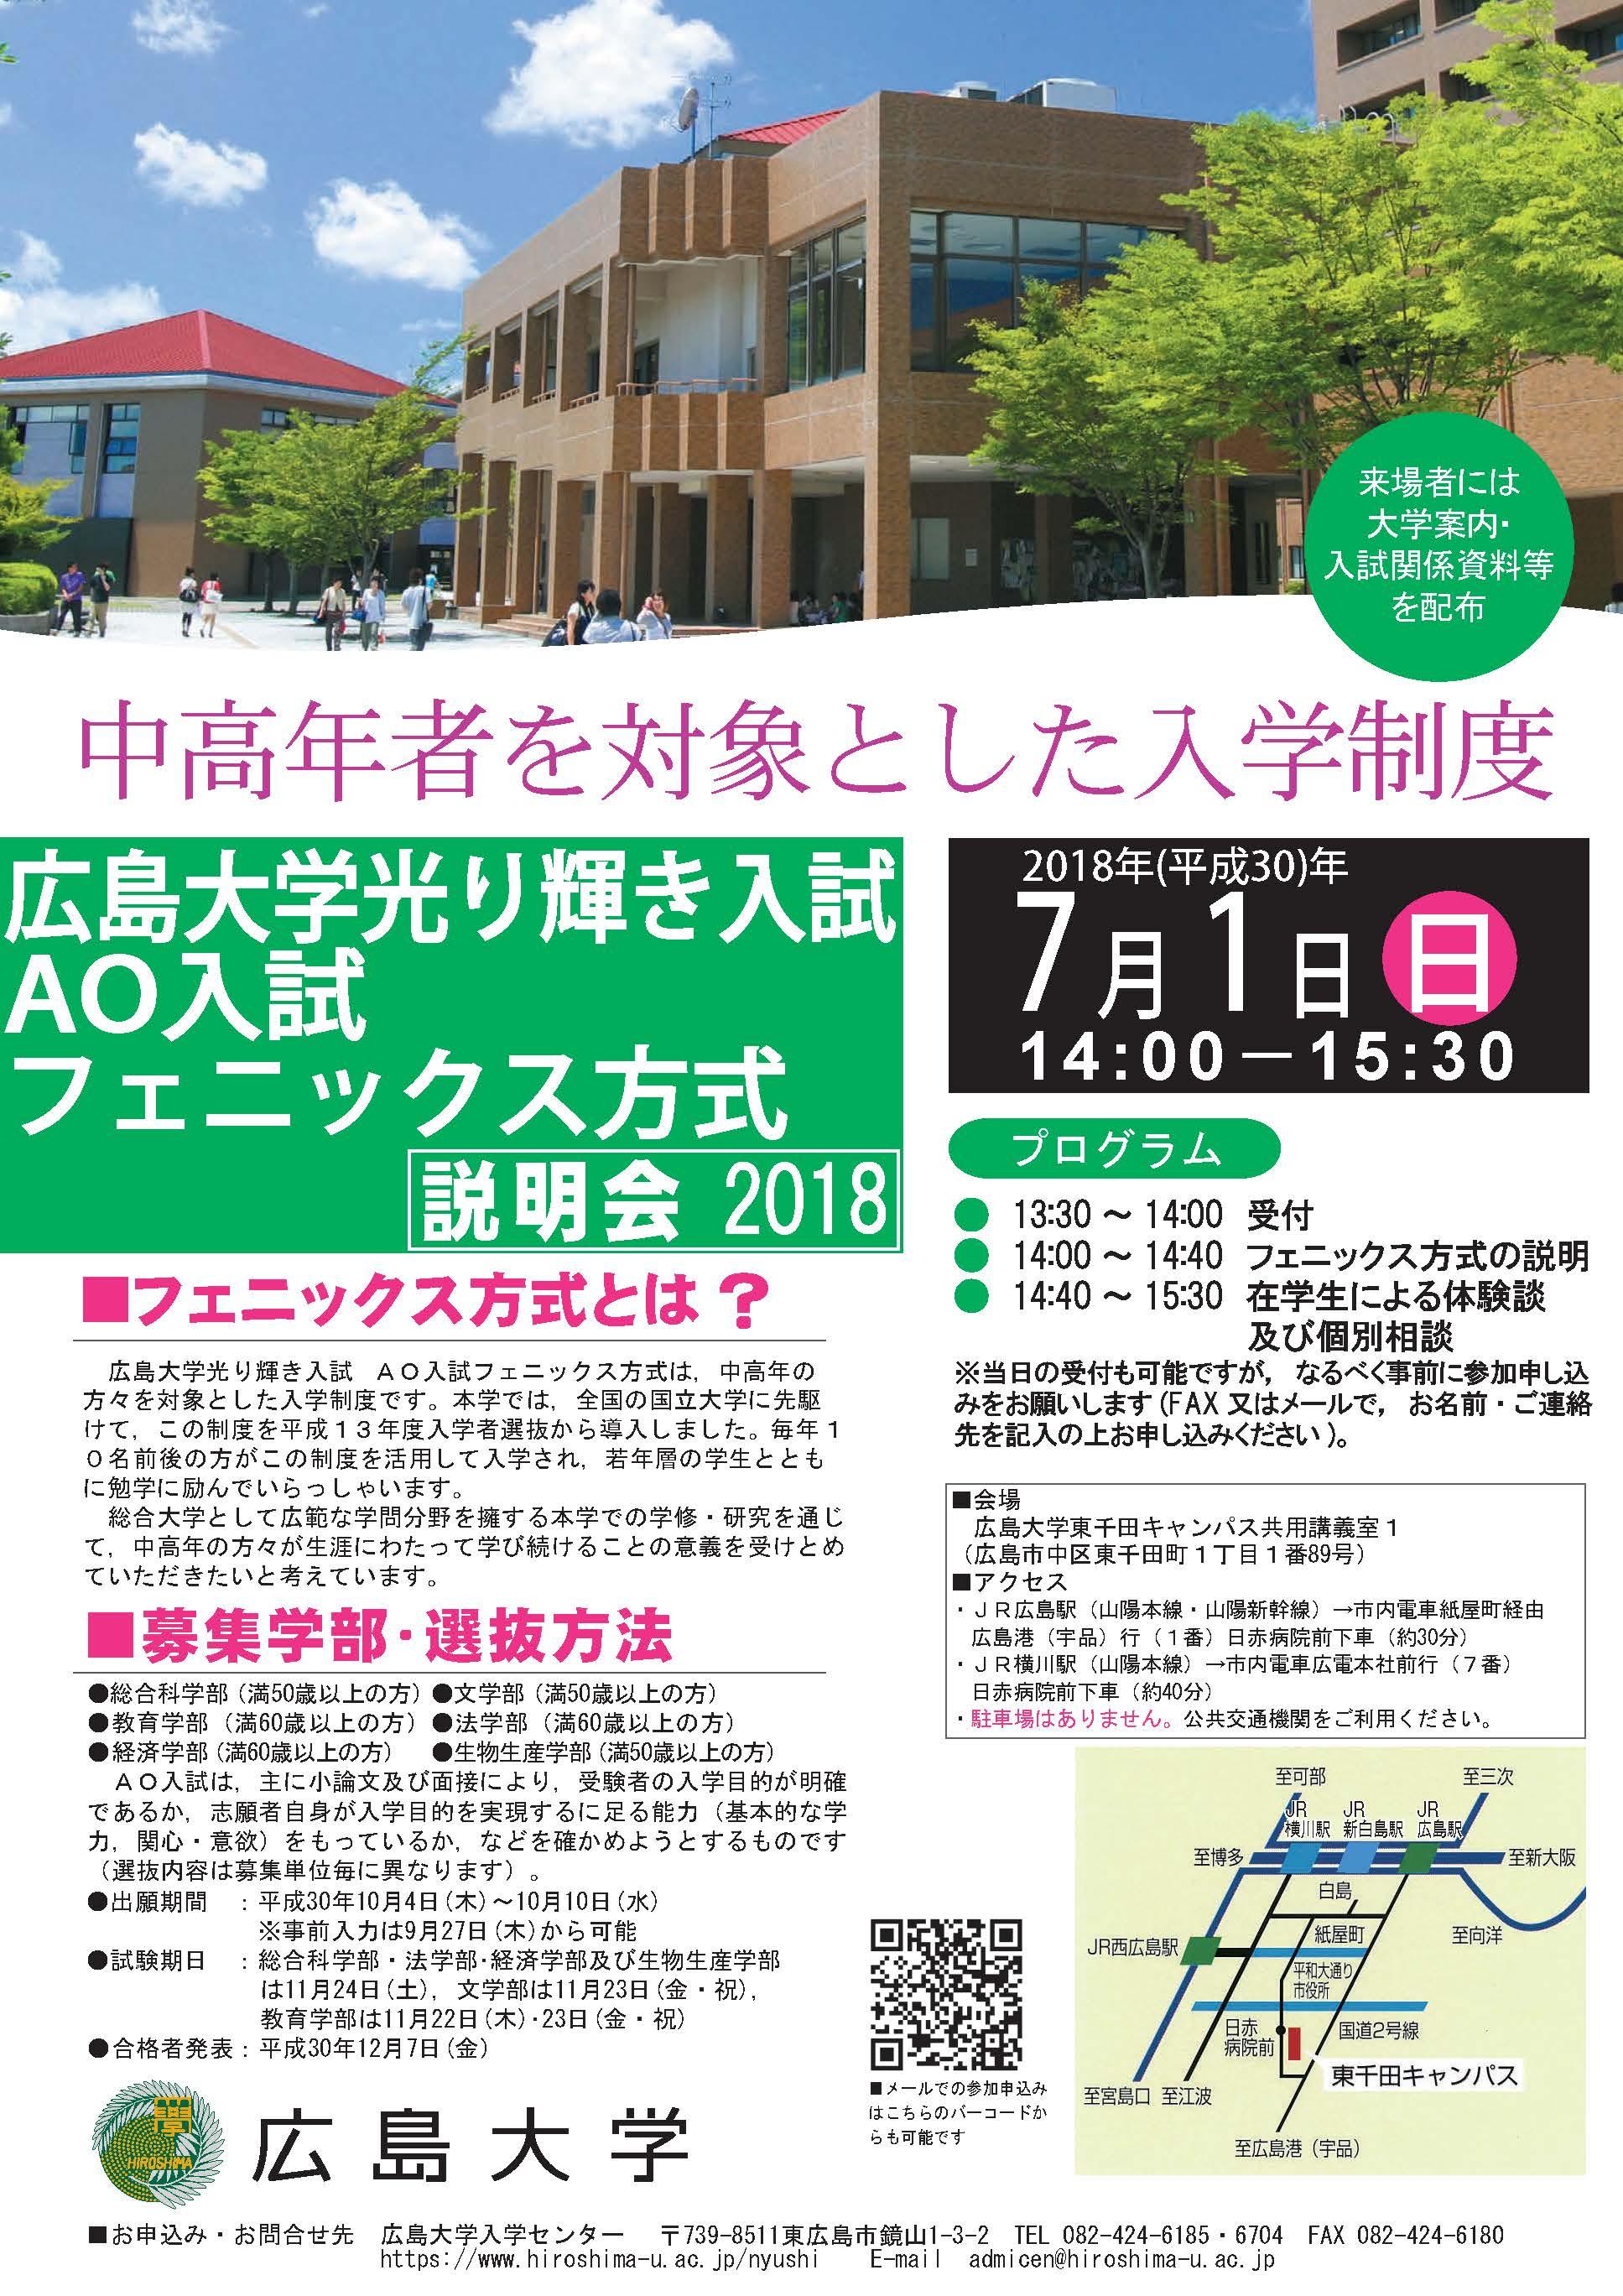 広島大学光り輝き入試 AO入試(フェニックス)説明会チラシ